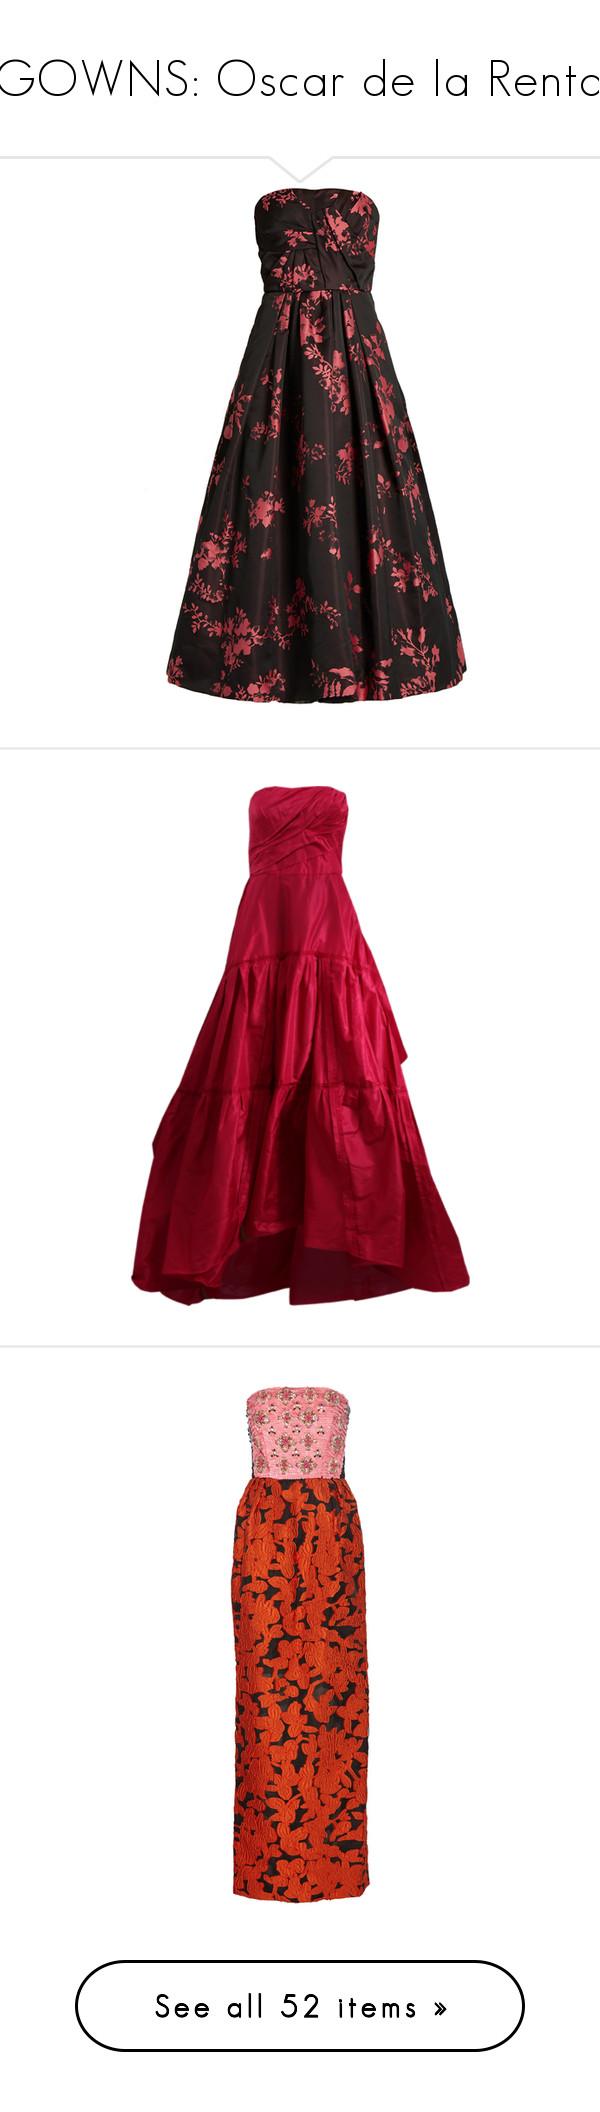 Gowns oscar de la renta